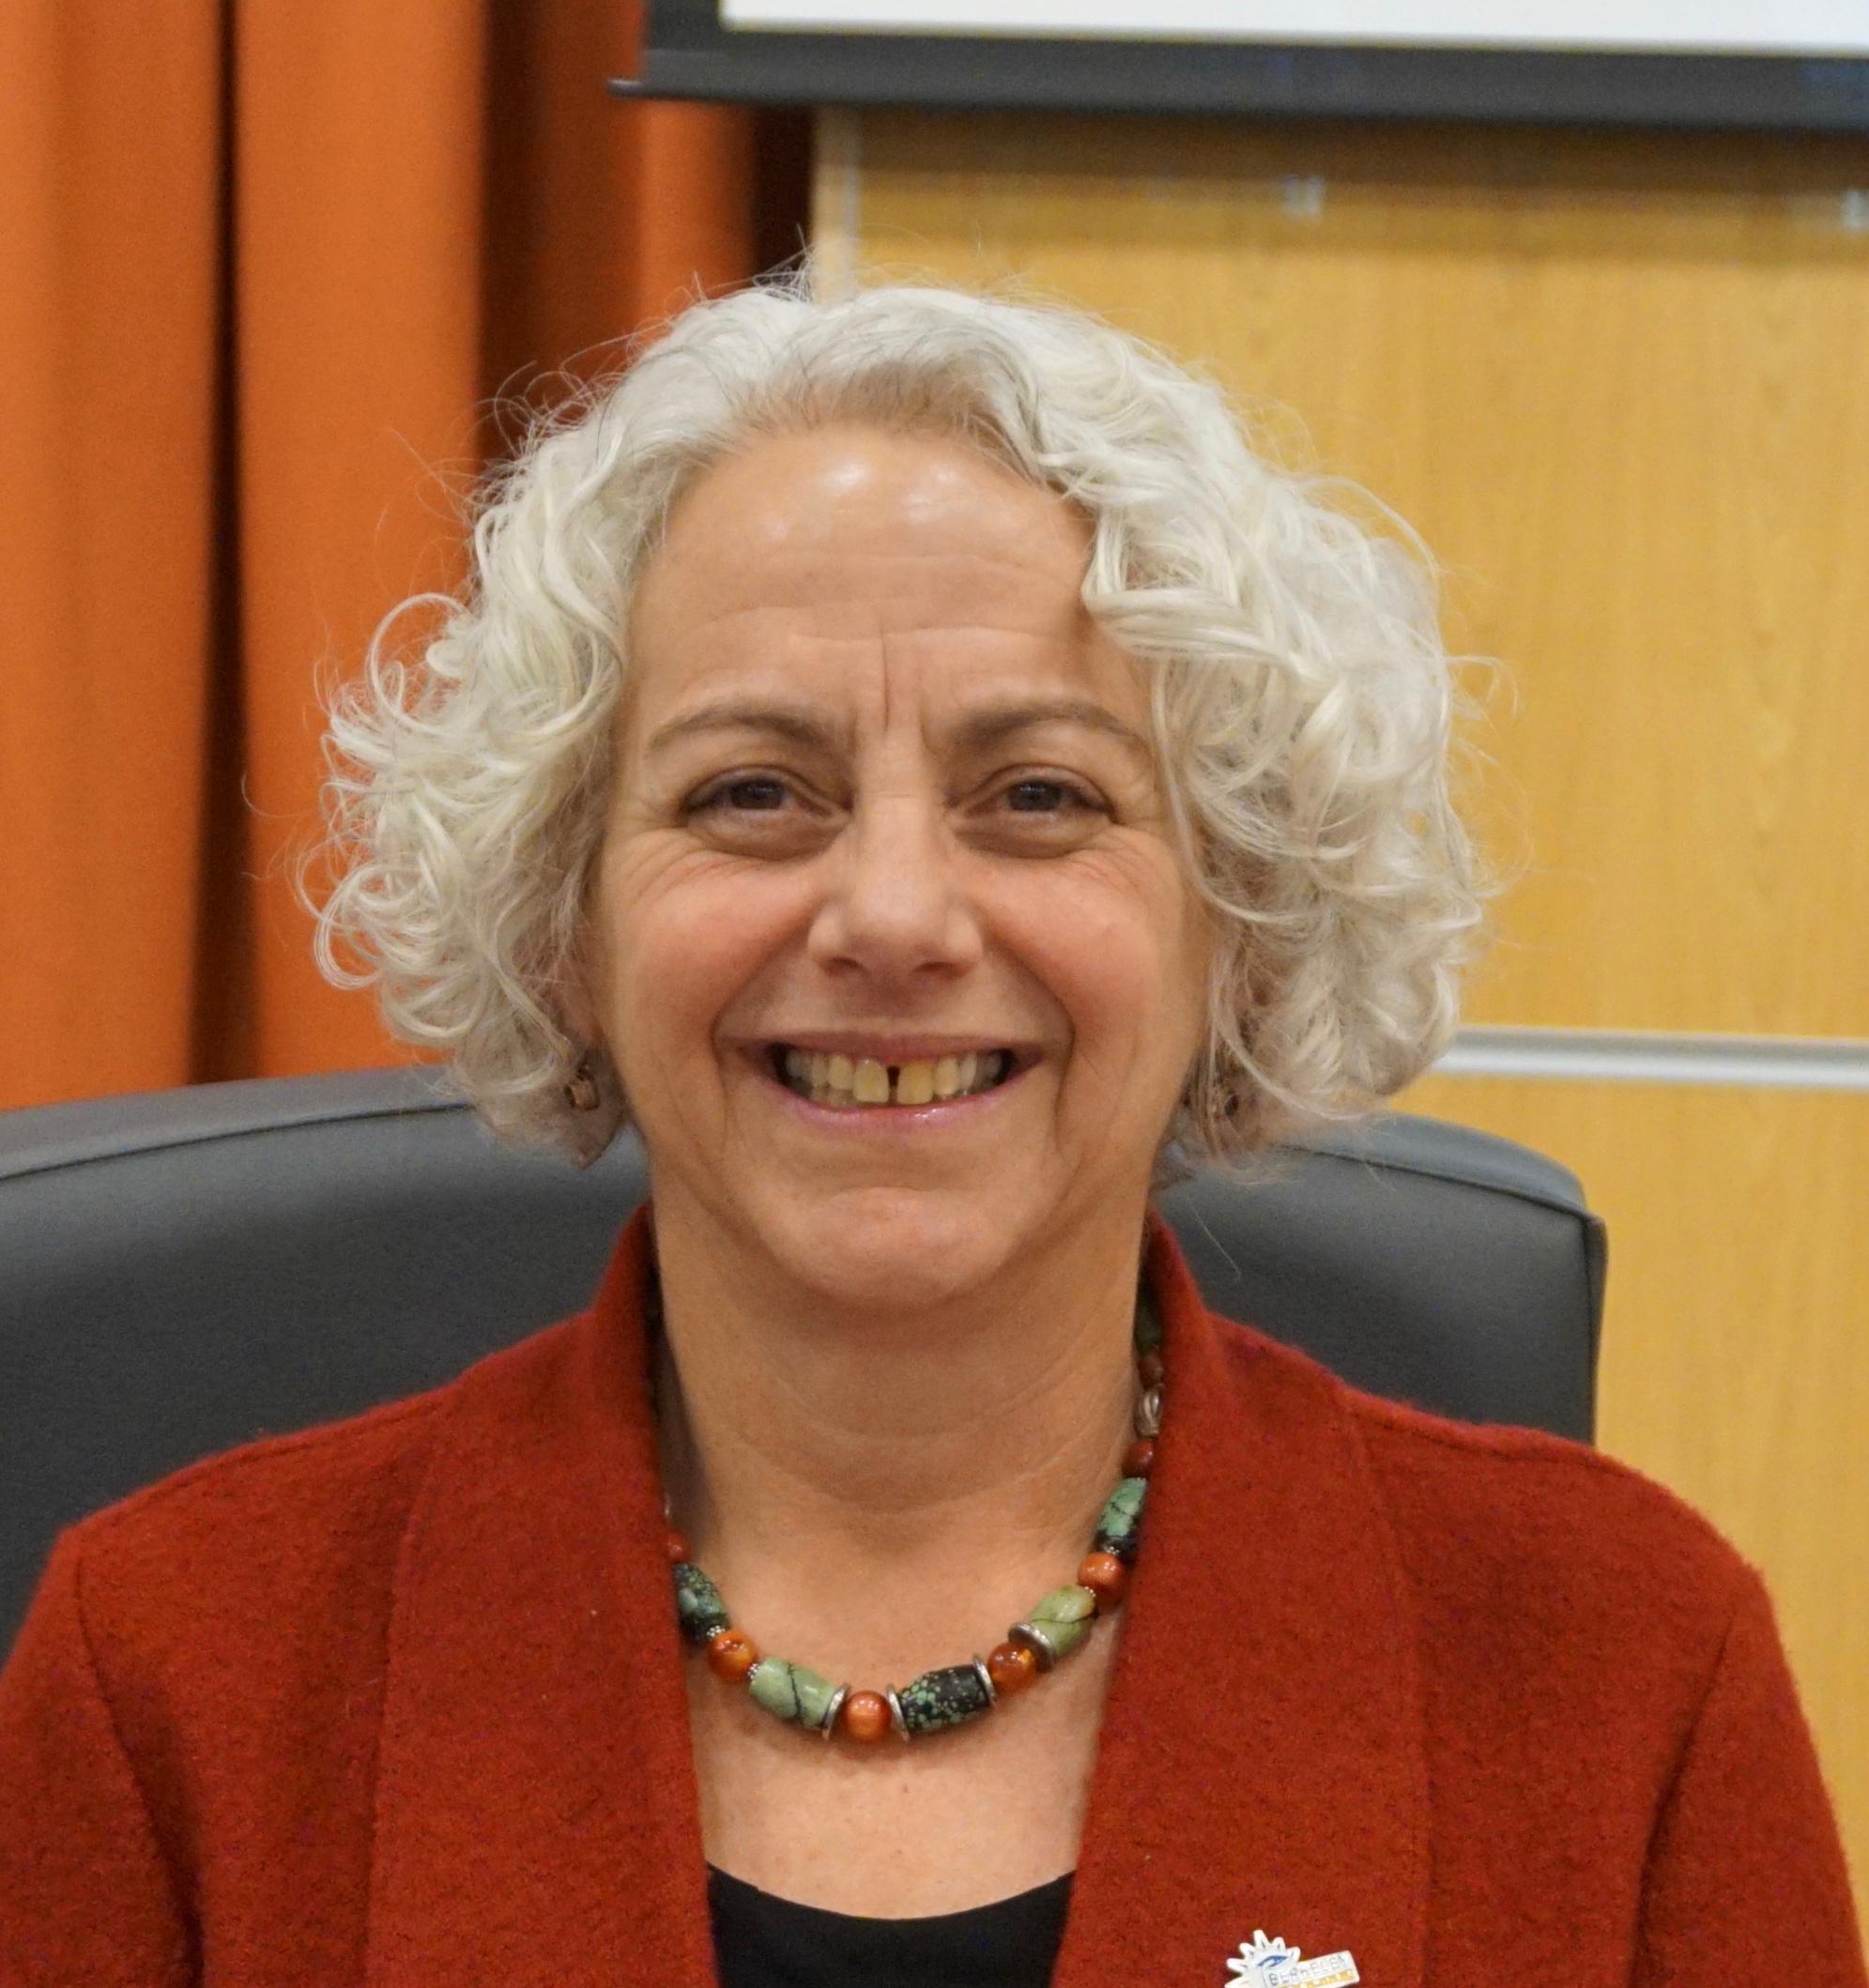 Julie Sinai